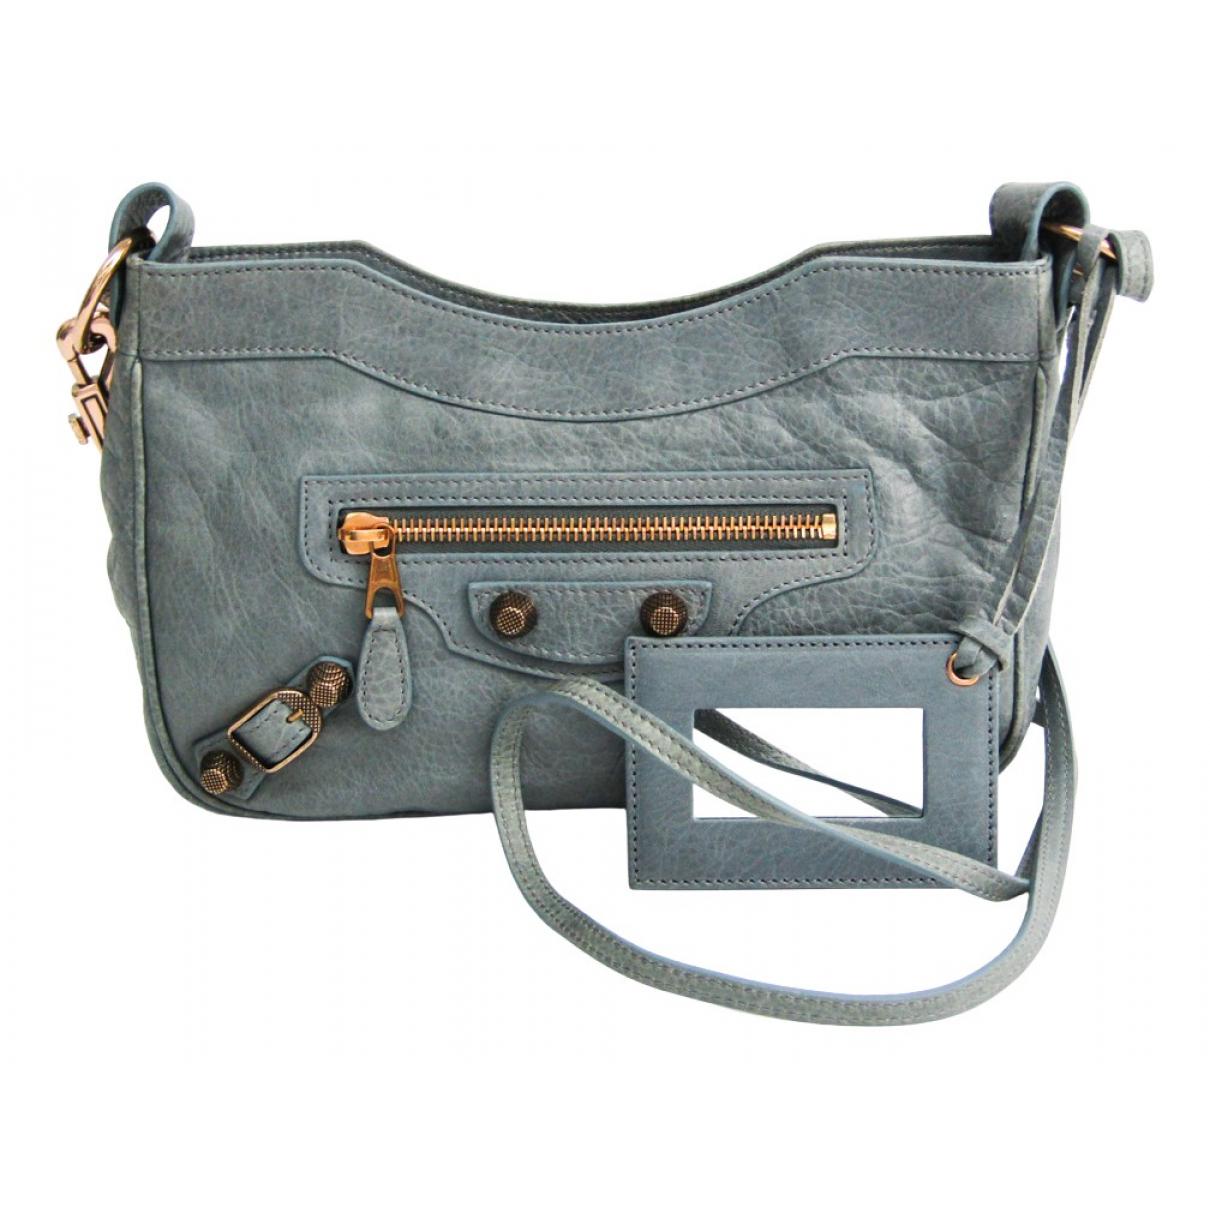 Balenciaga N Grey Leather handbag for Women N